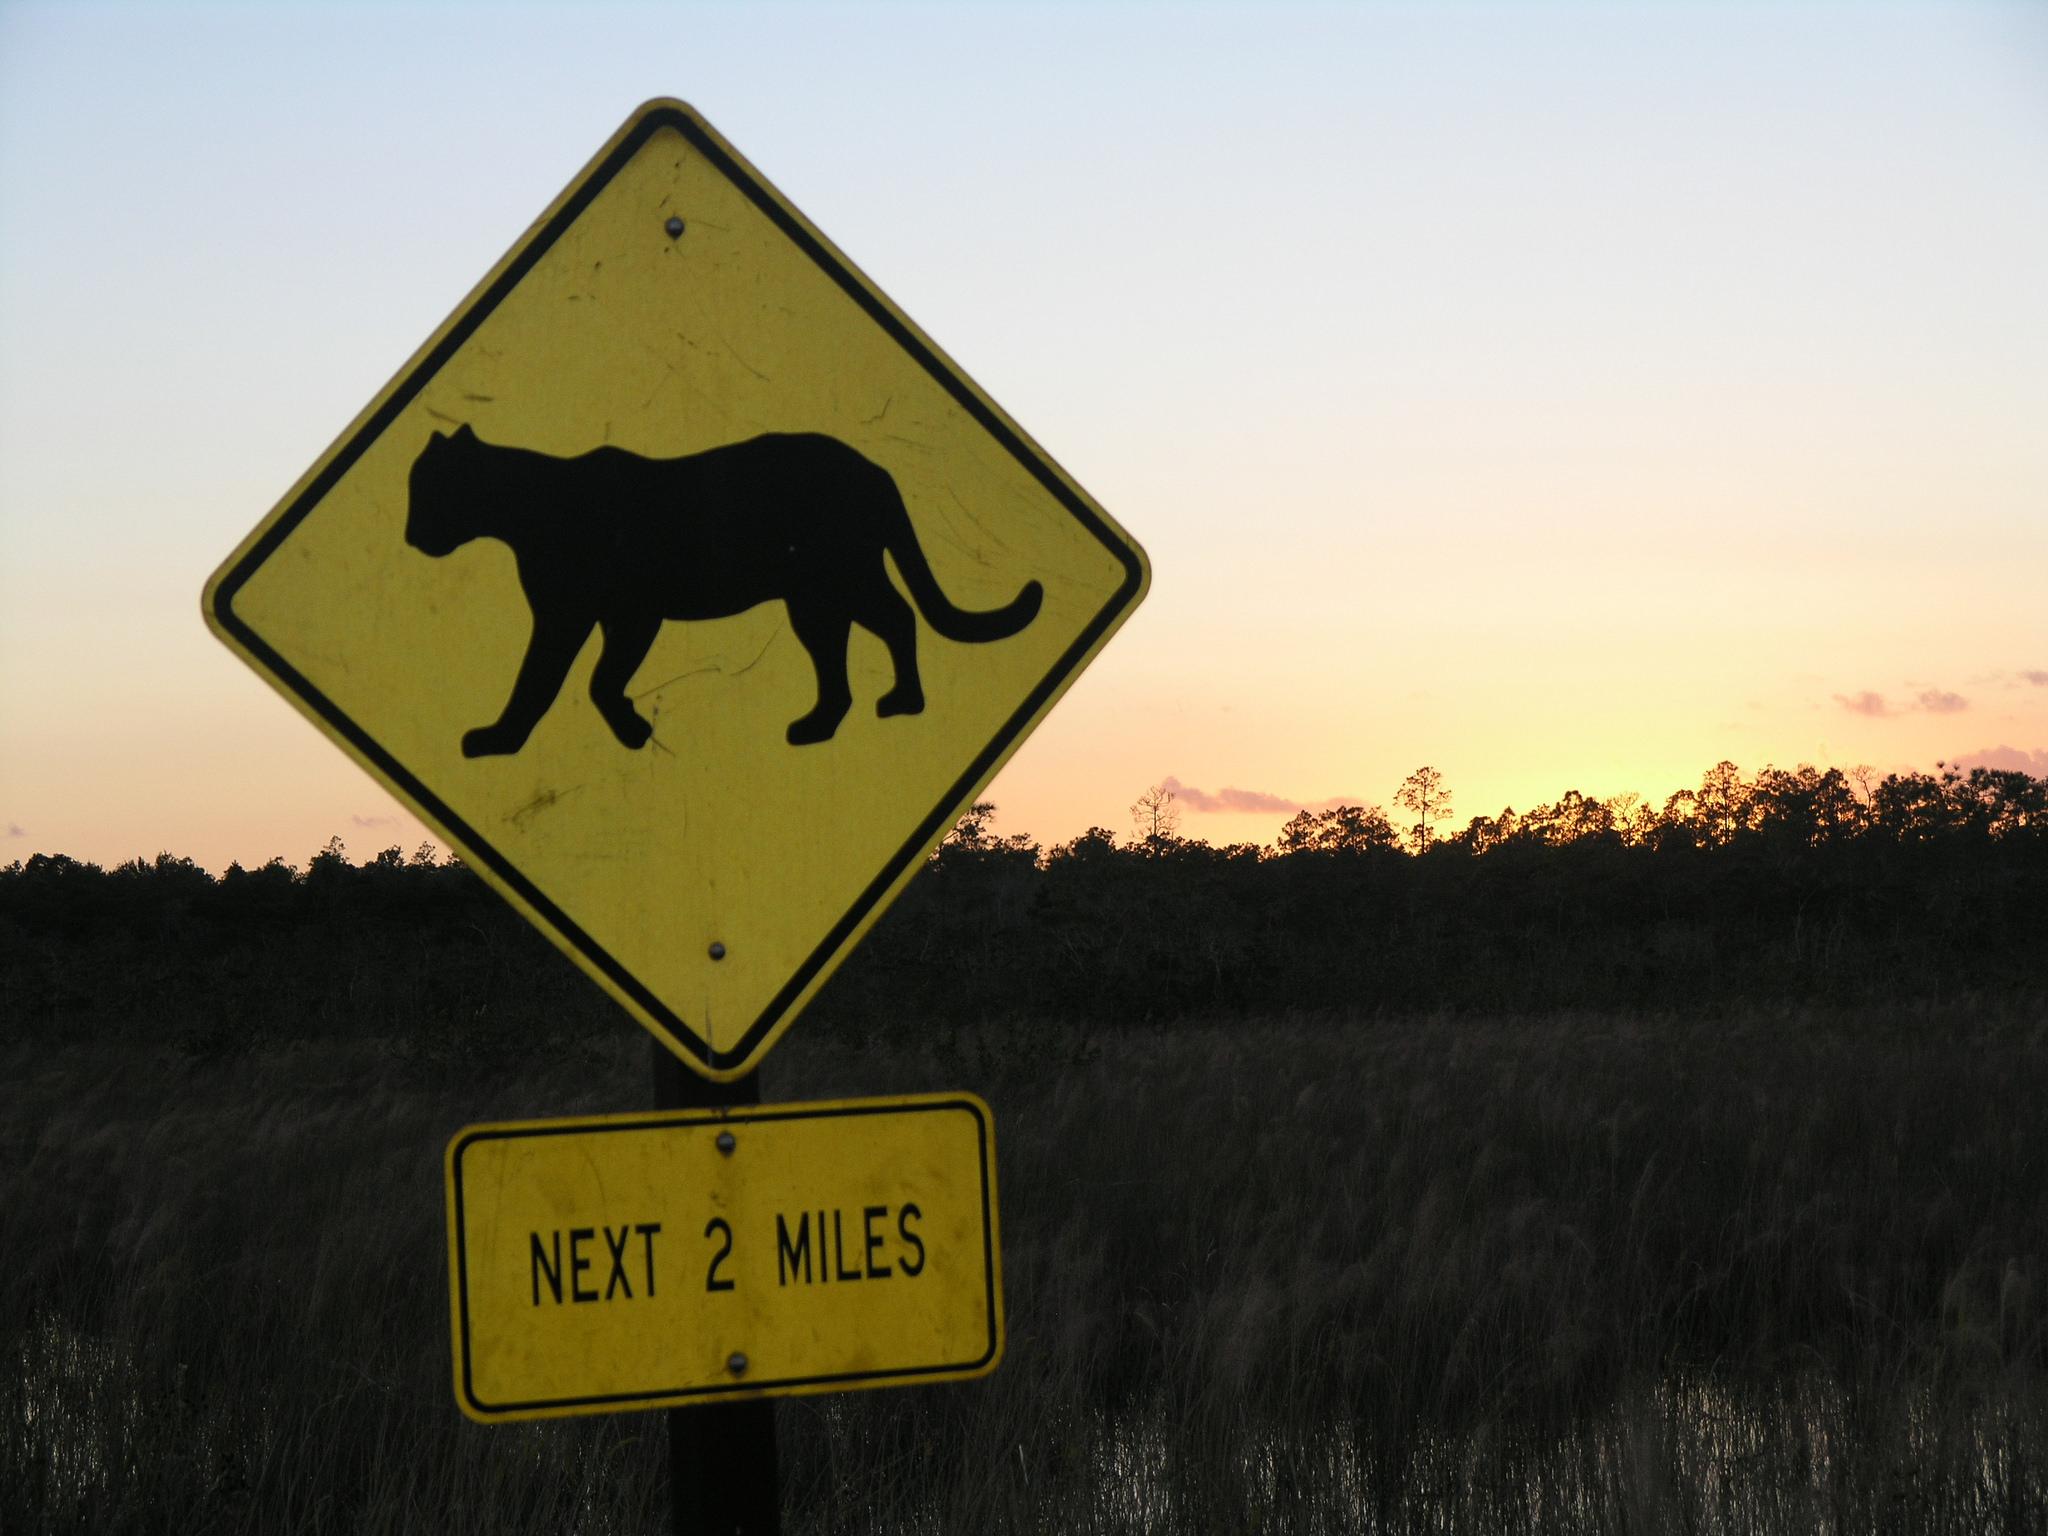 Florida panther driving sign